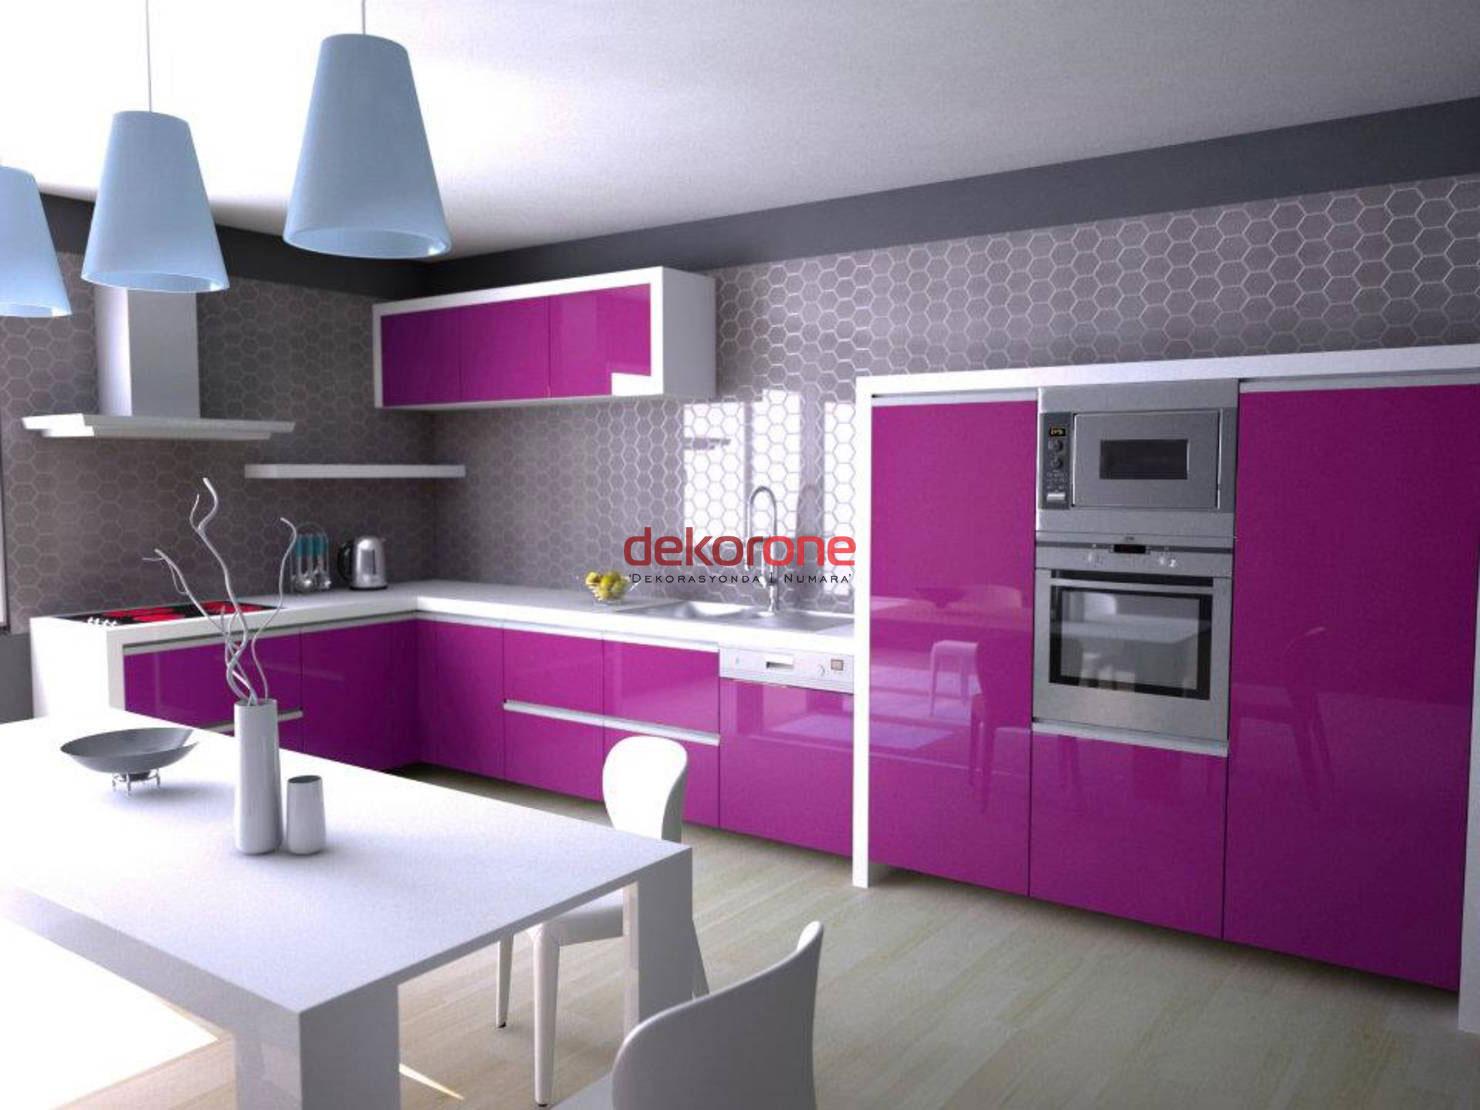 Fusya Rengi Mutfak Dekorasyonu 7